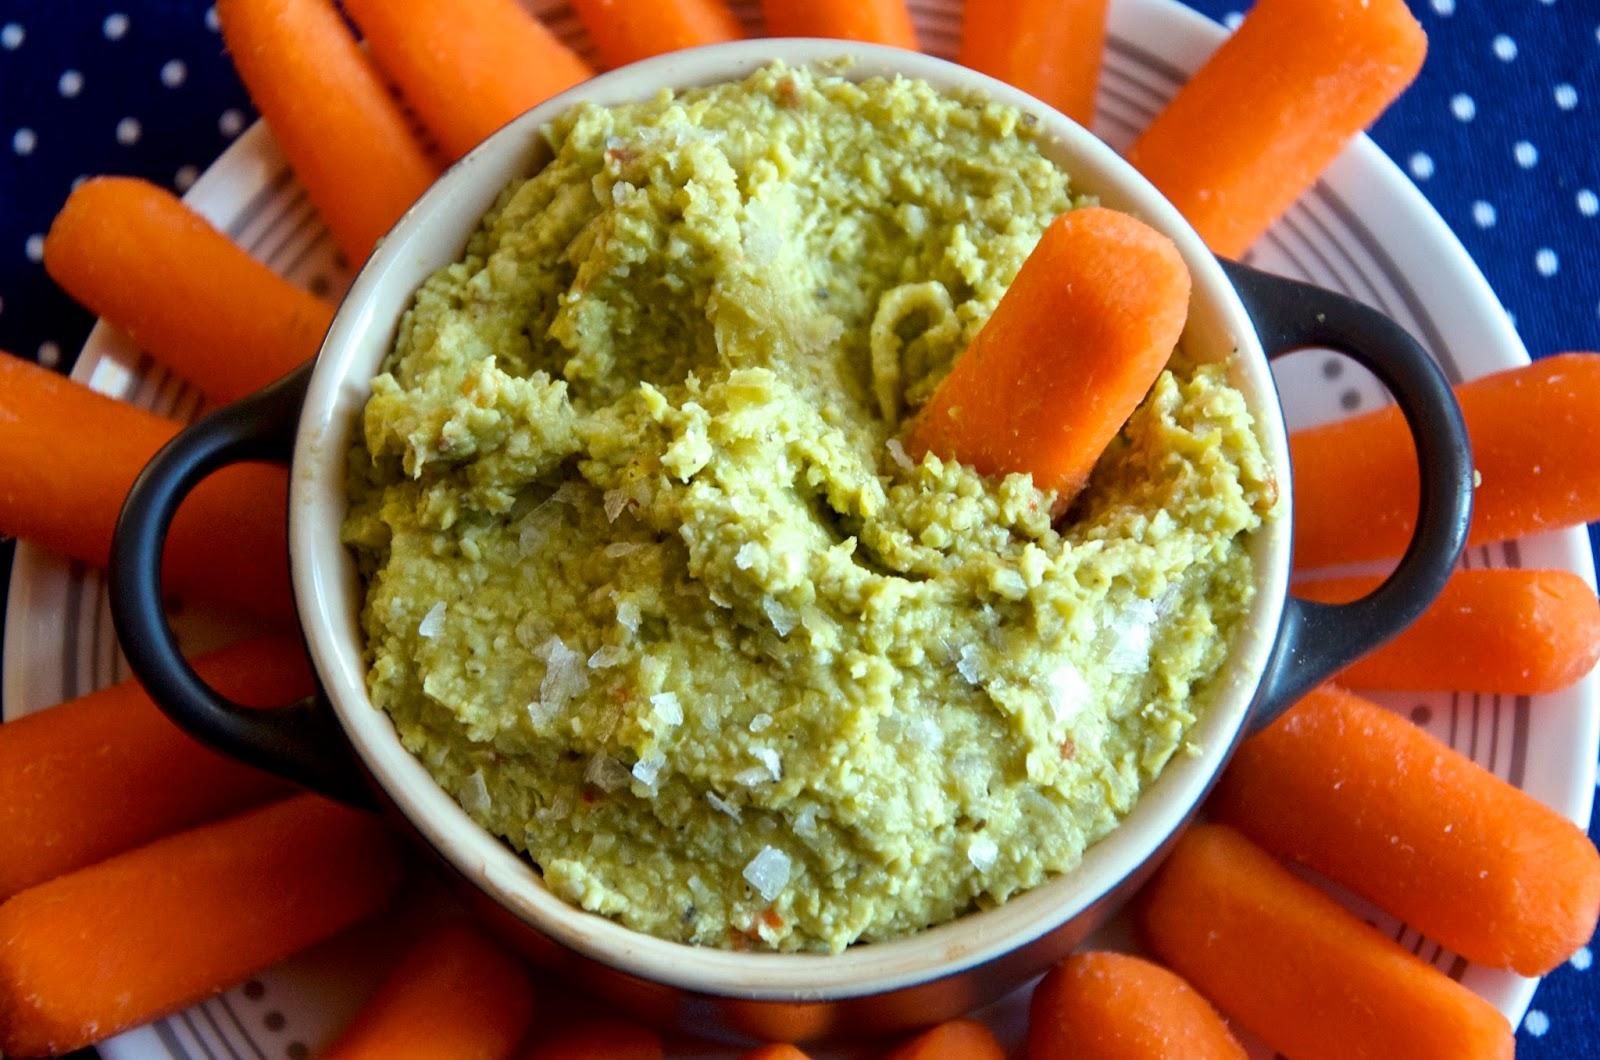 Carrot dipped in edamame pea dip